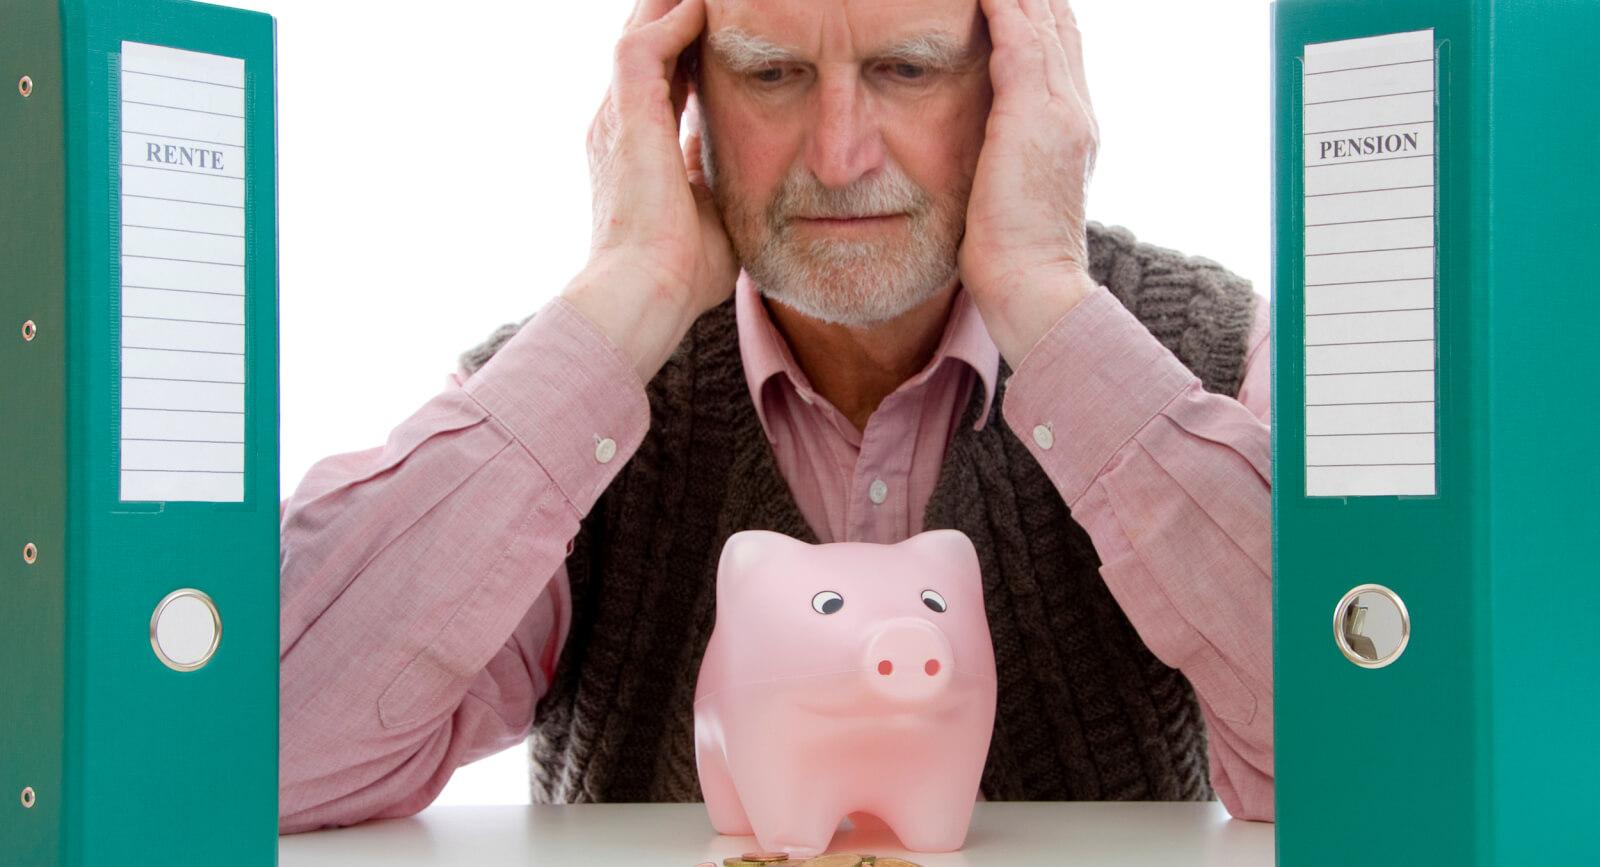 Как проверить пенсионные накопления по СНИЛС онлайн и офлайн-способами